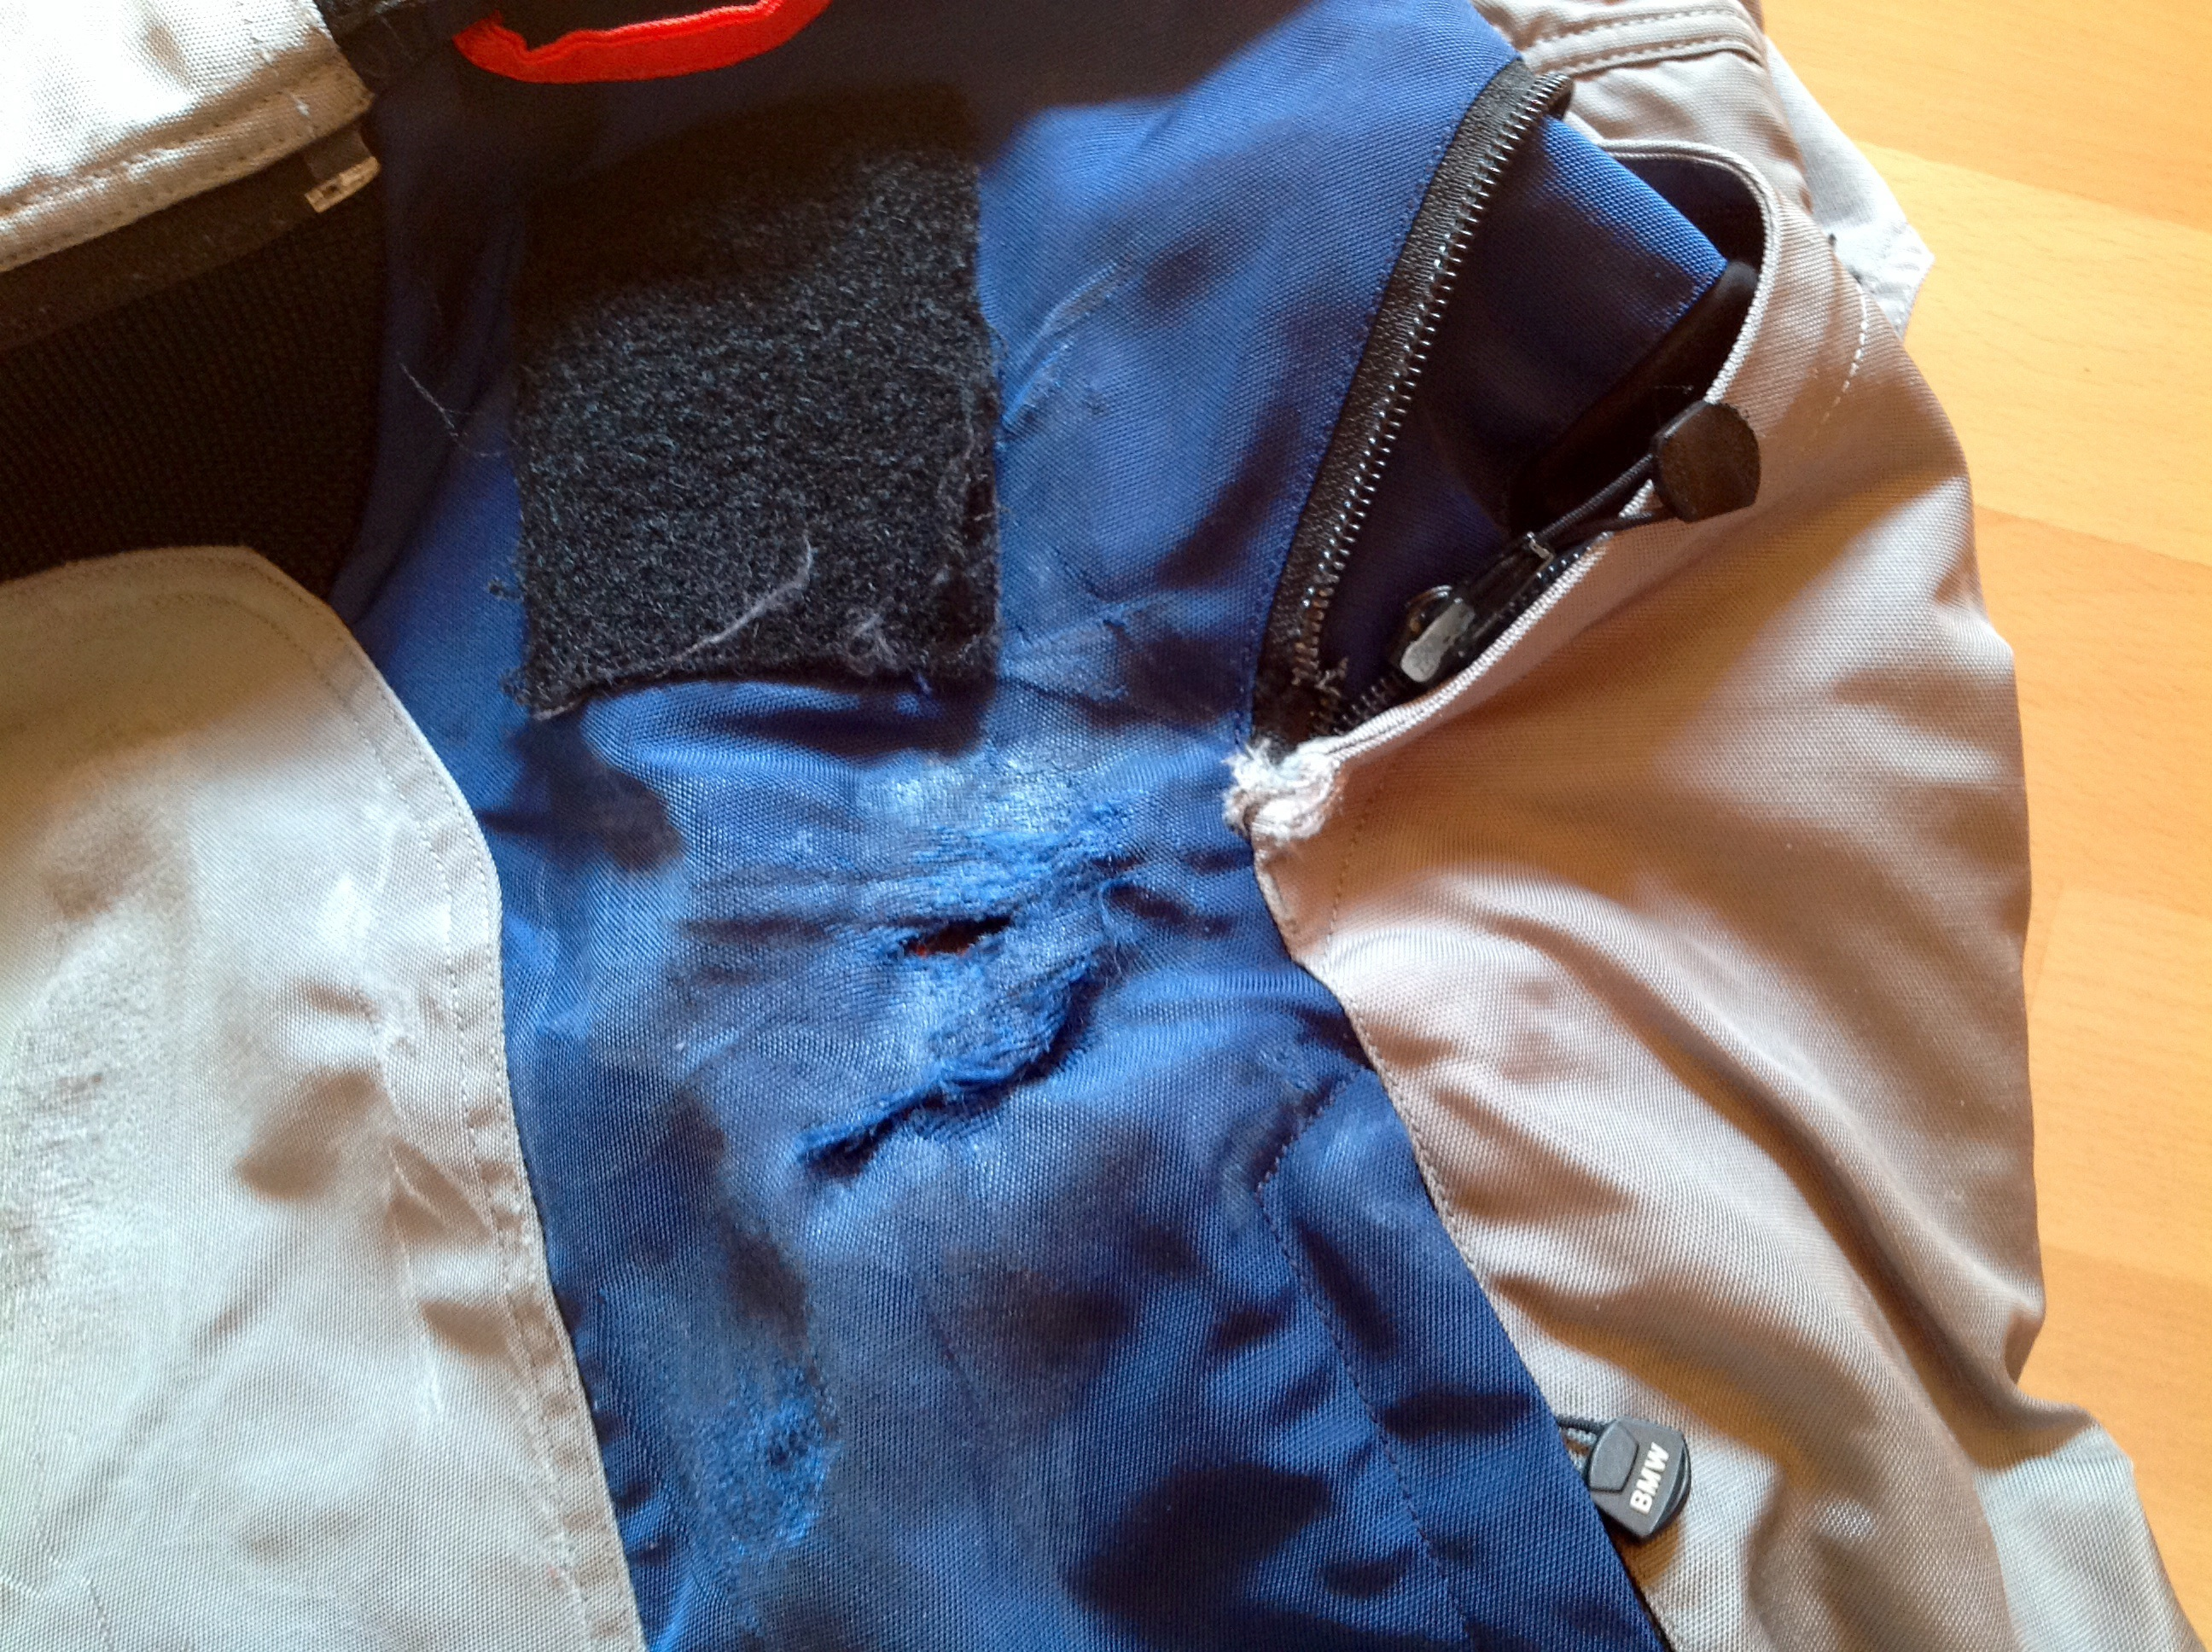 Erledigt bmw rallye 3 anzug 54 52 grau blau inkl rechnung for Blau rechnung